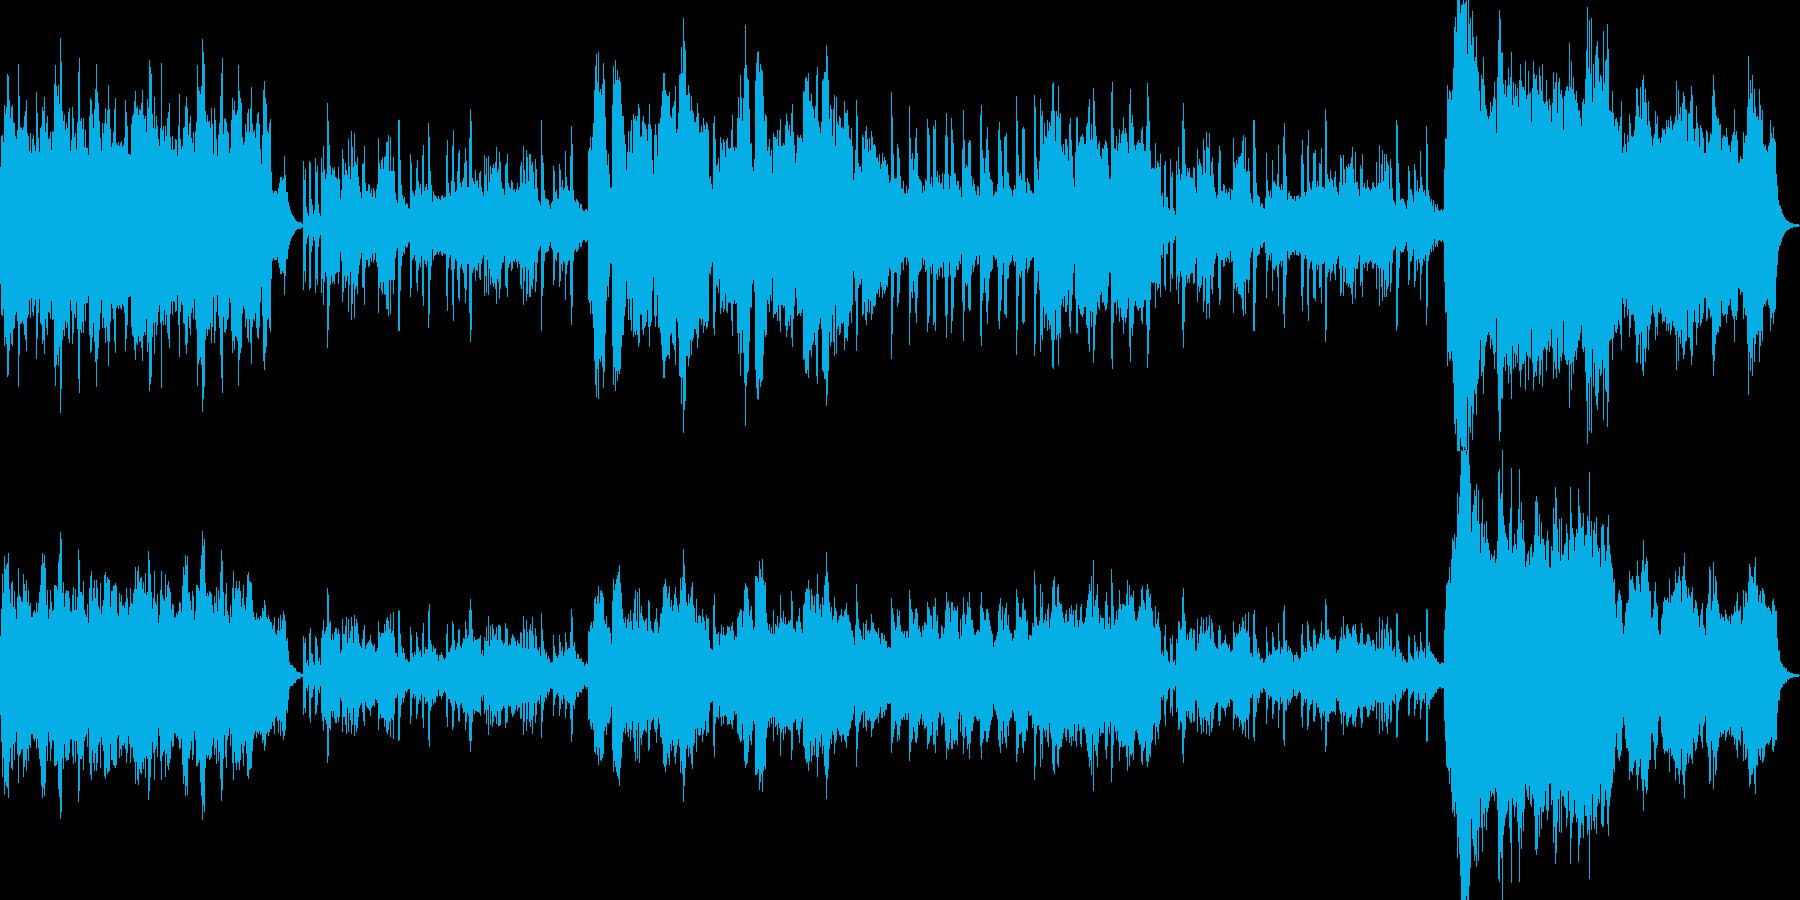 オーケストラ風-恋愛系、感動系の再生済みの波形